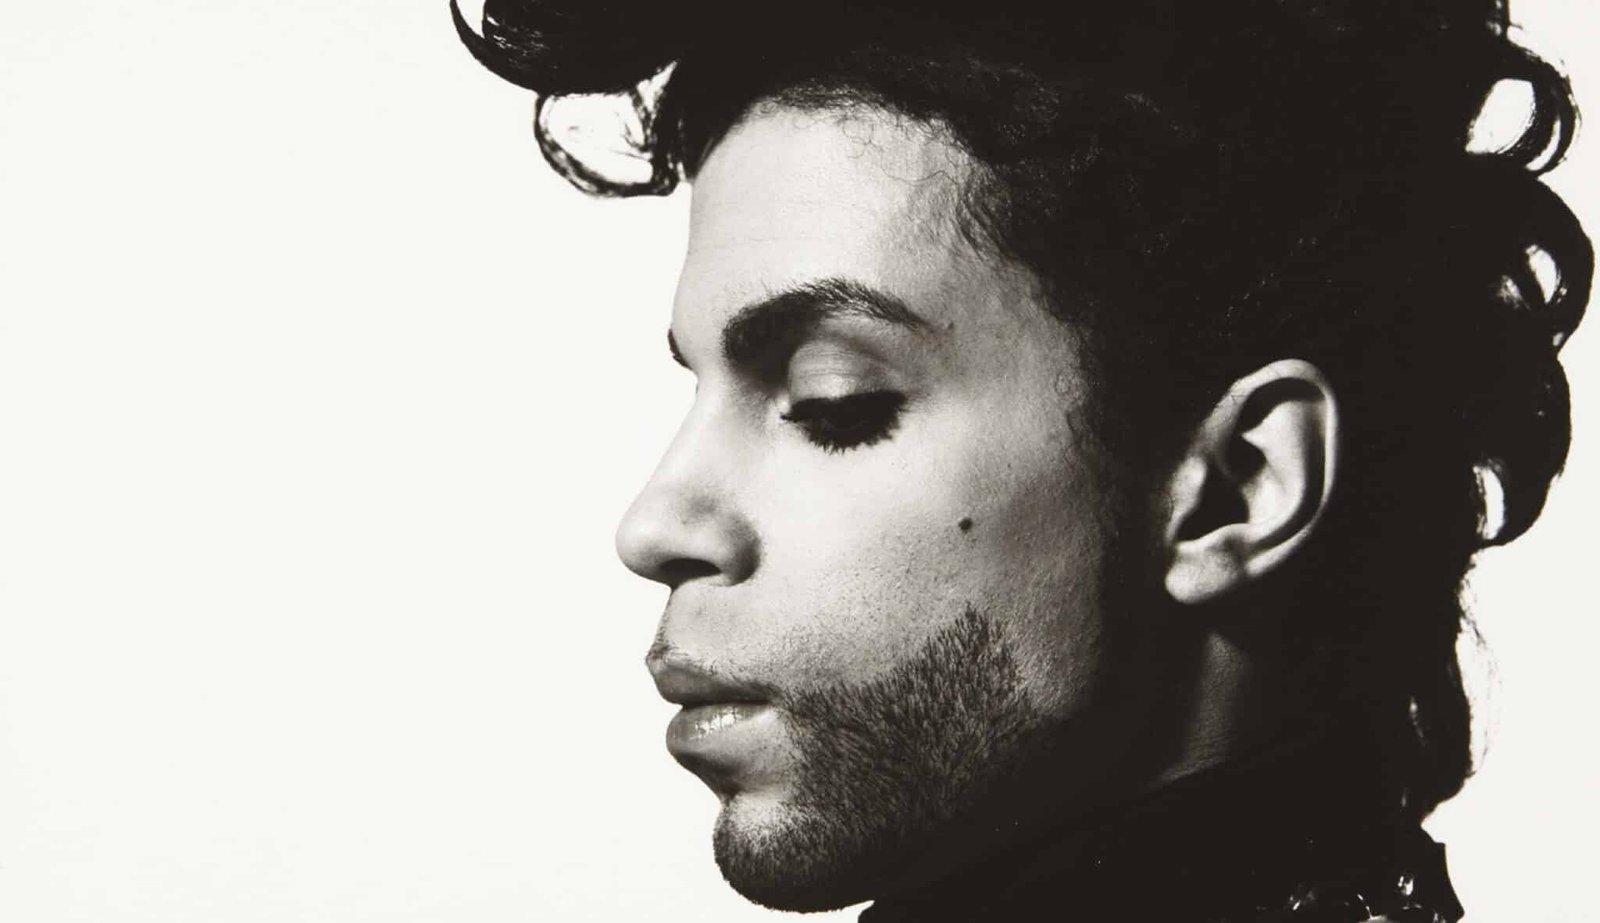 Álbuns de Prince serão relançados em Vinil e Cassete